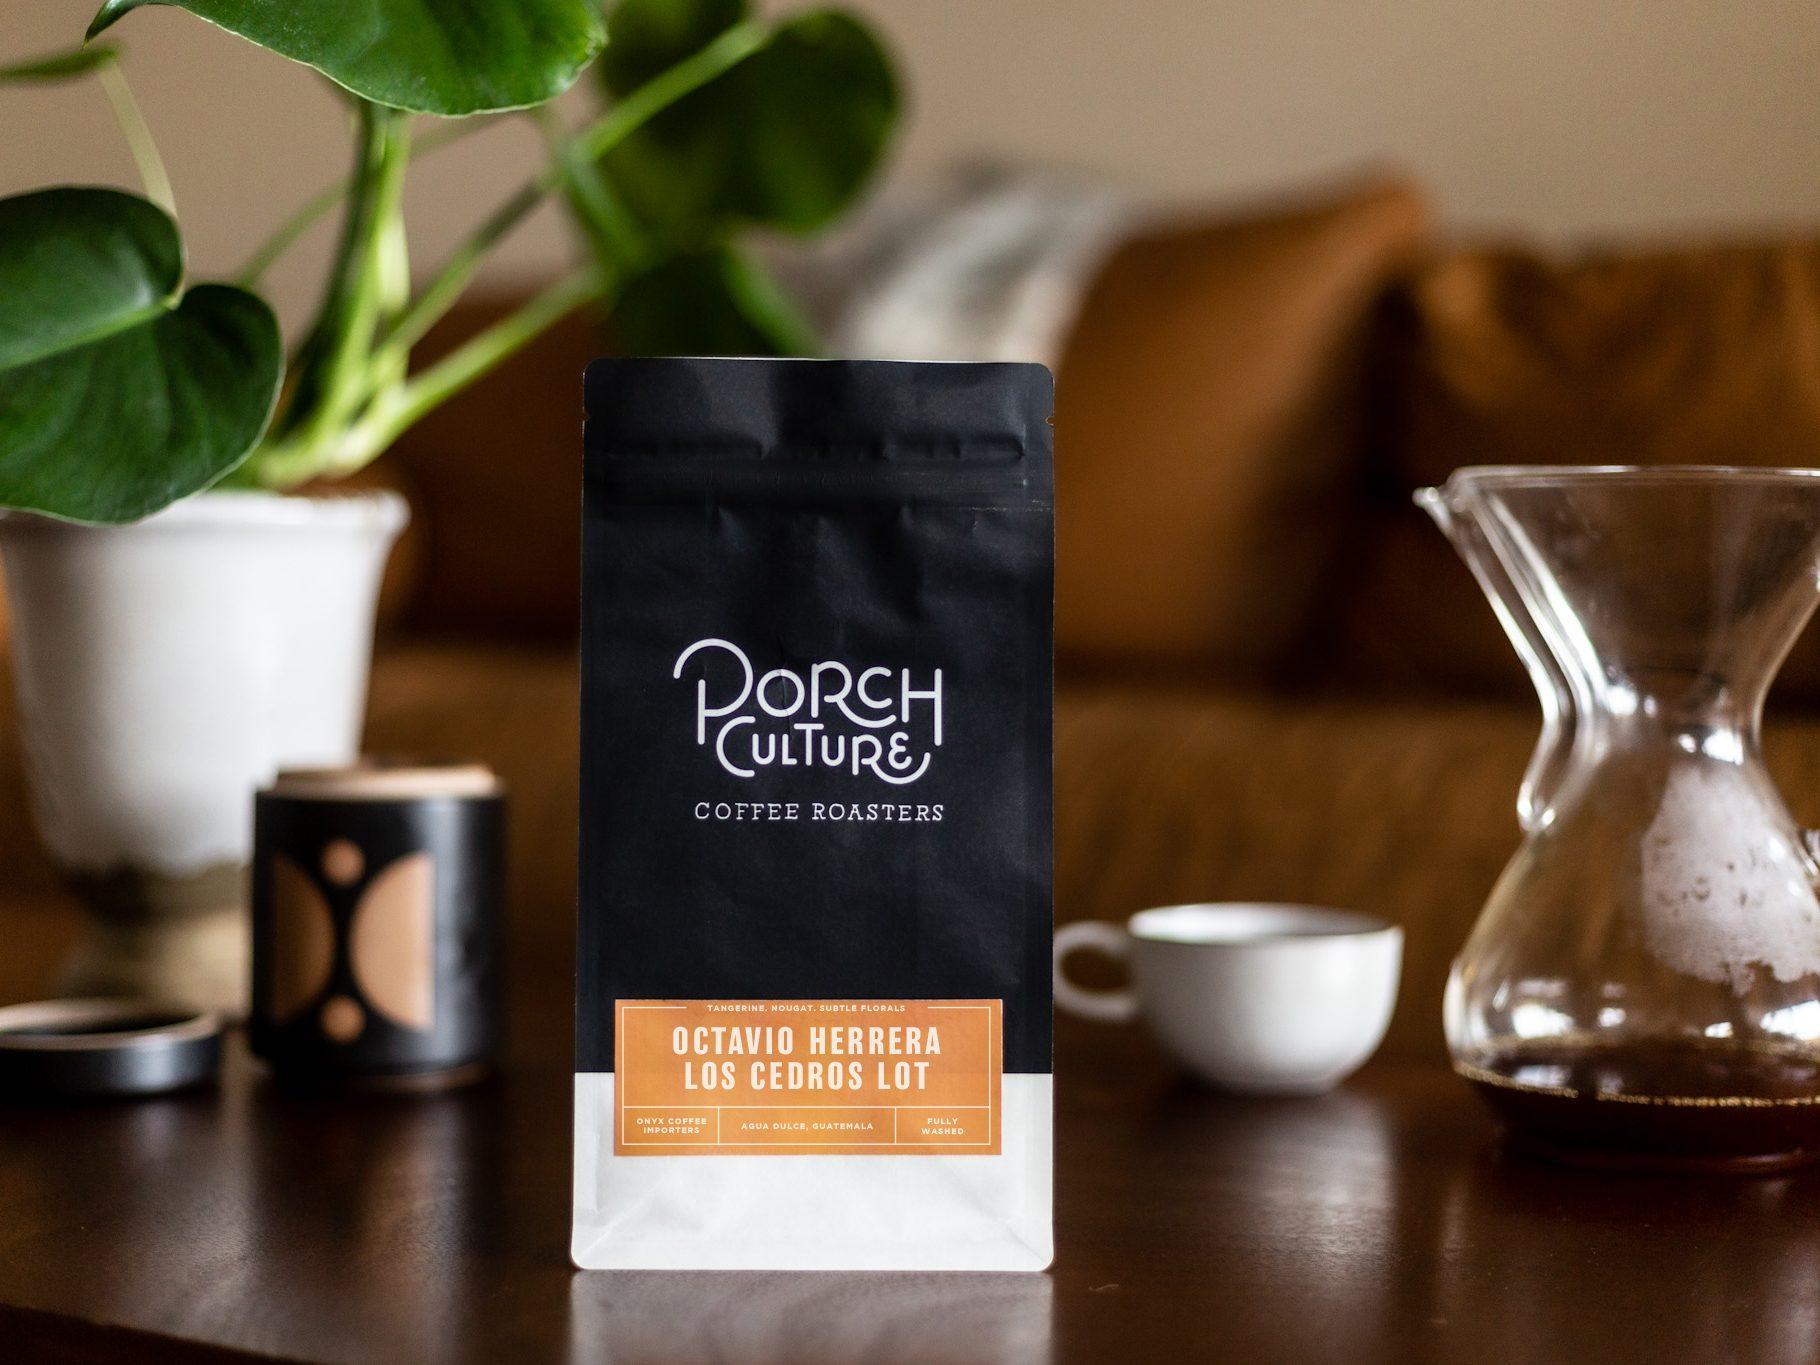 Porch Culture Coffee